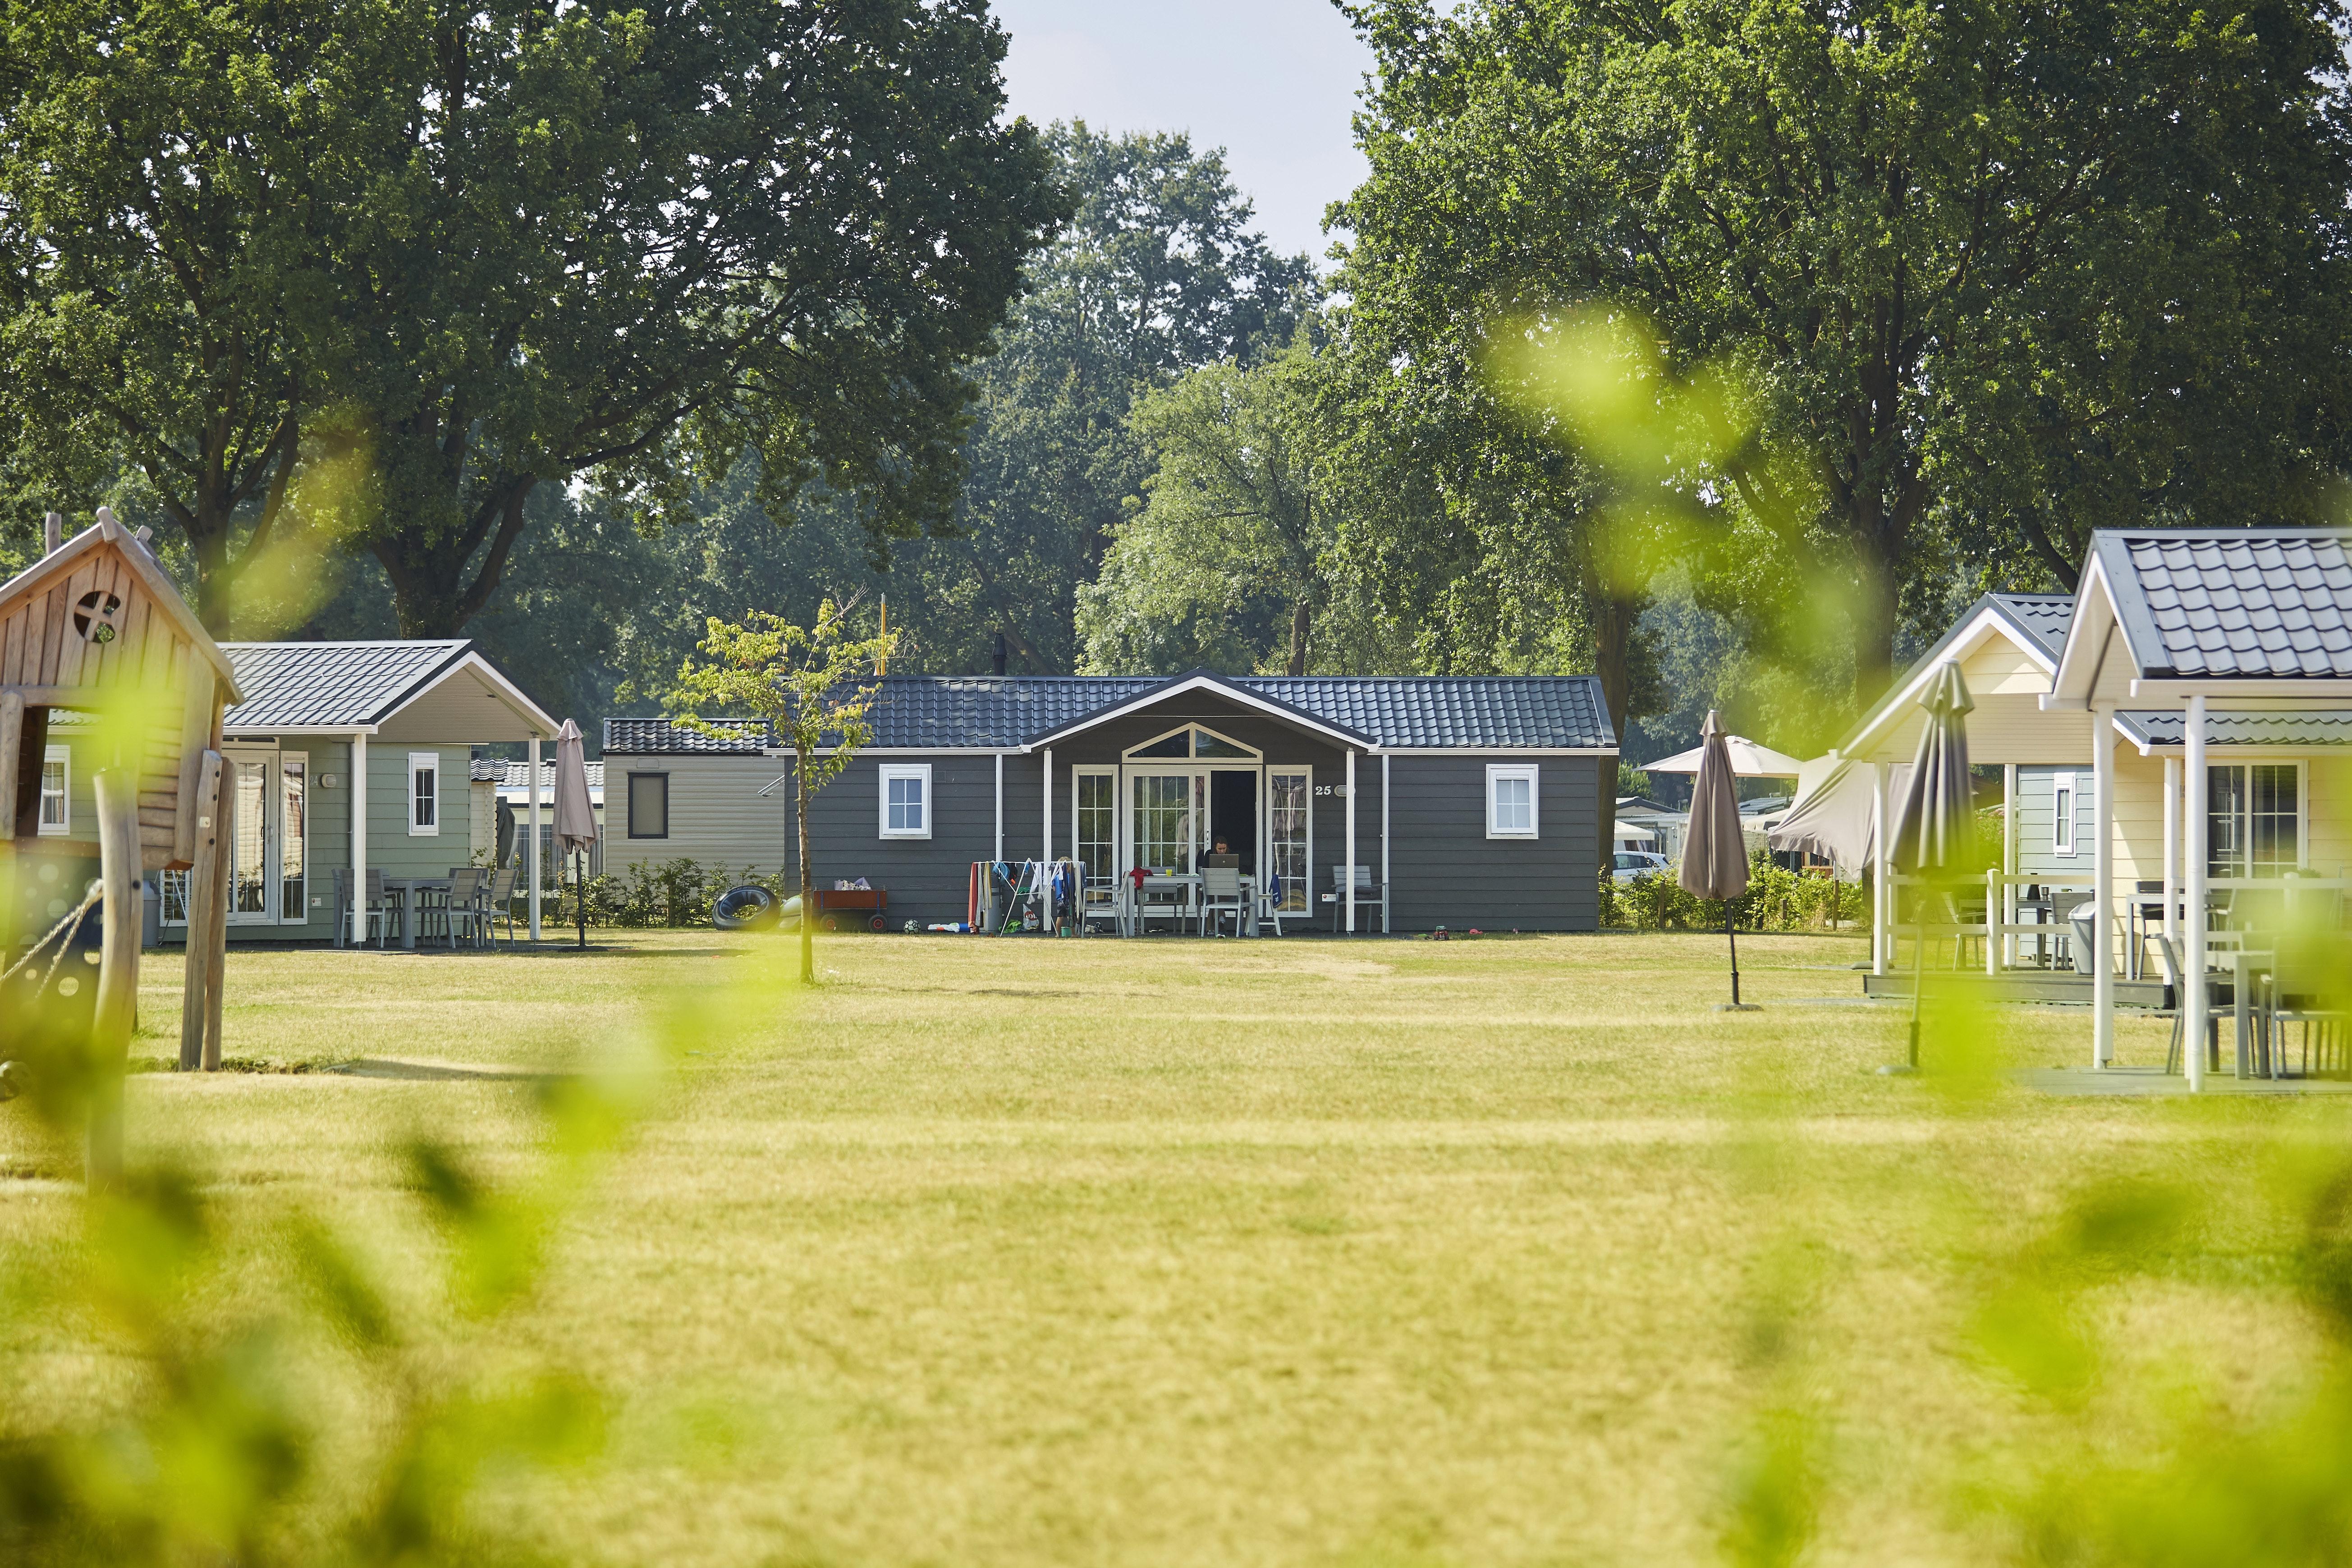 Mobilheim Holland Nordseeküste : Camping mit kindern in den niederlanden: die top plätze pincamp by